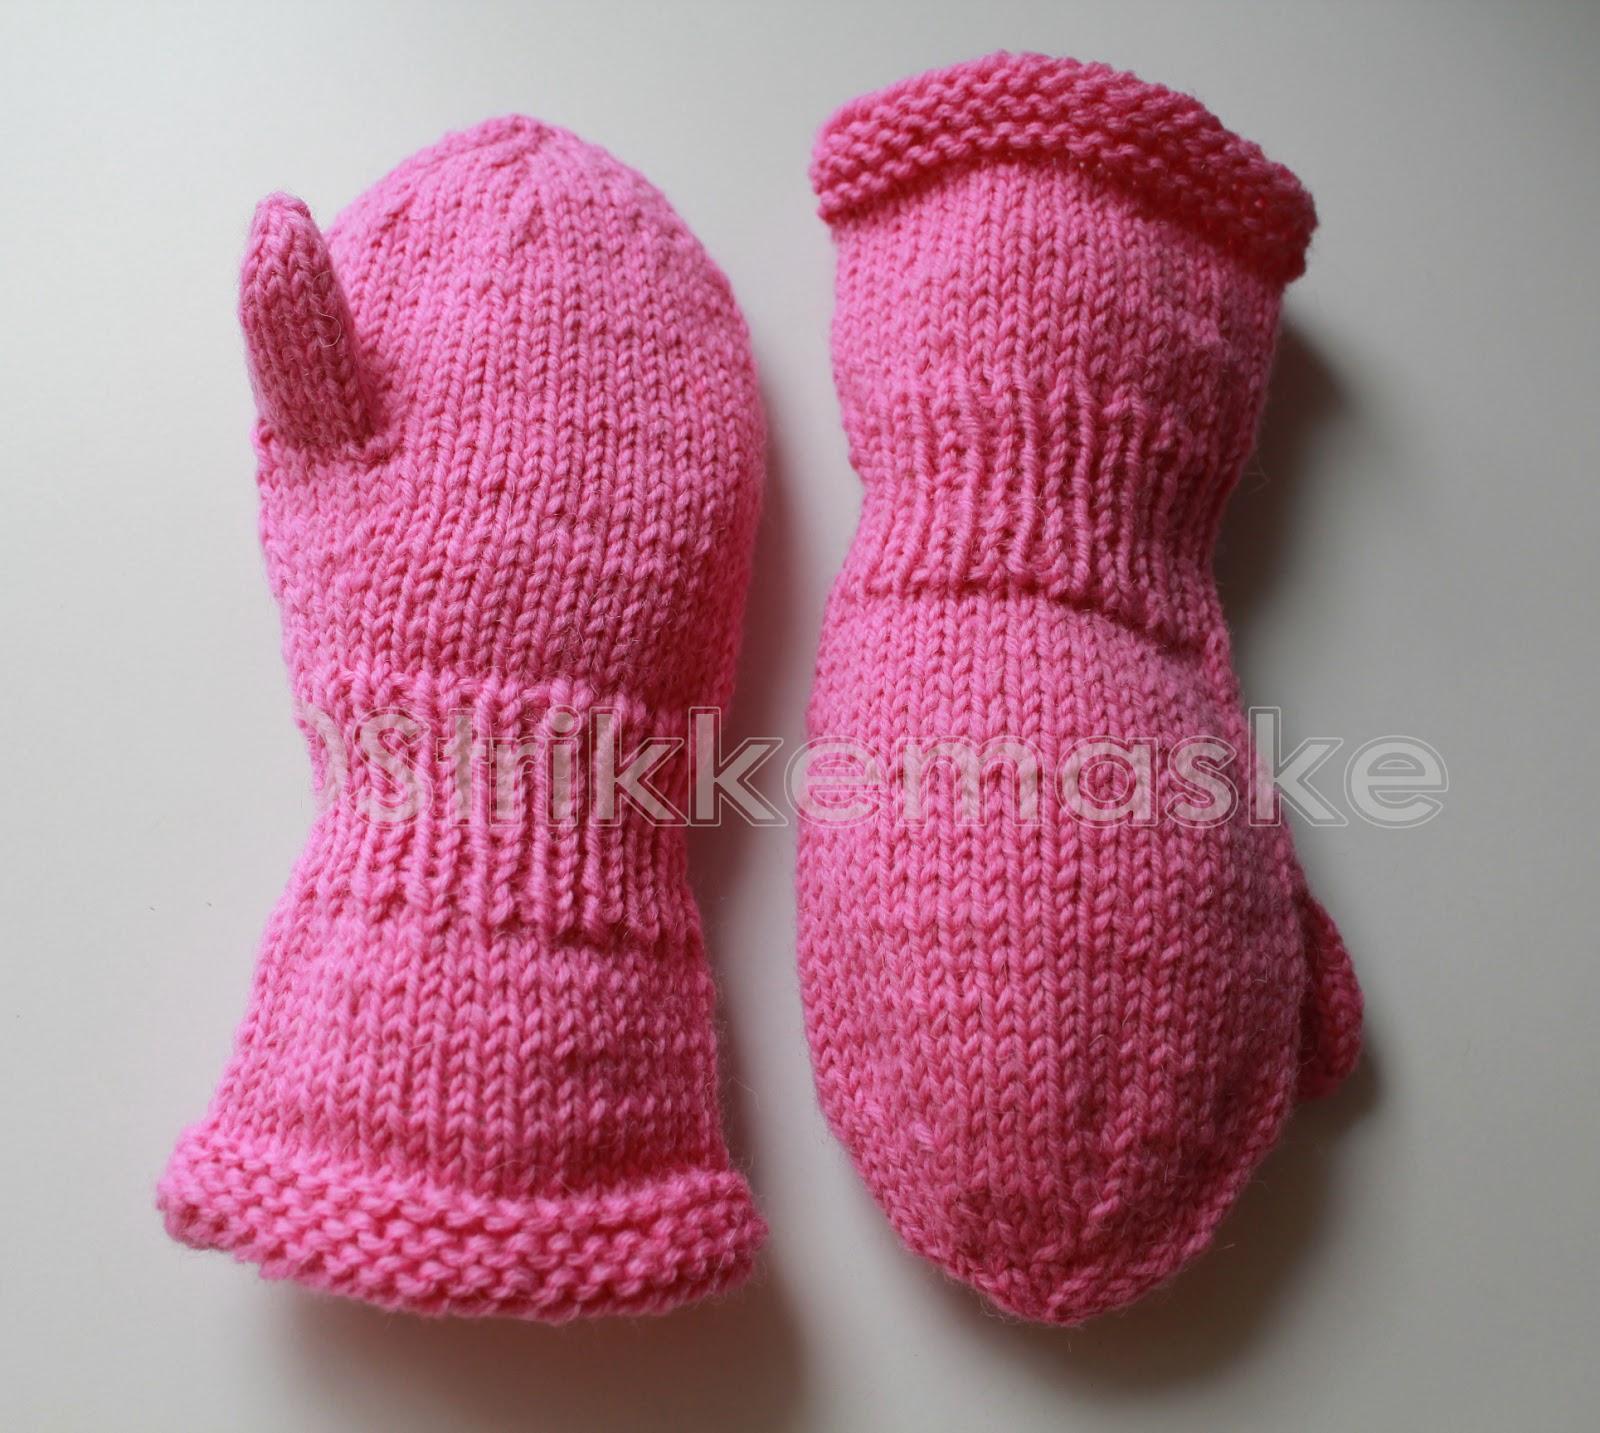 Strikka barnehagevotter i rosa